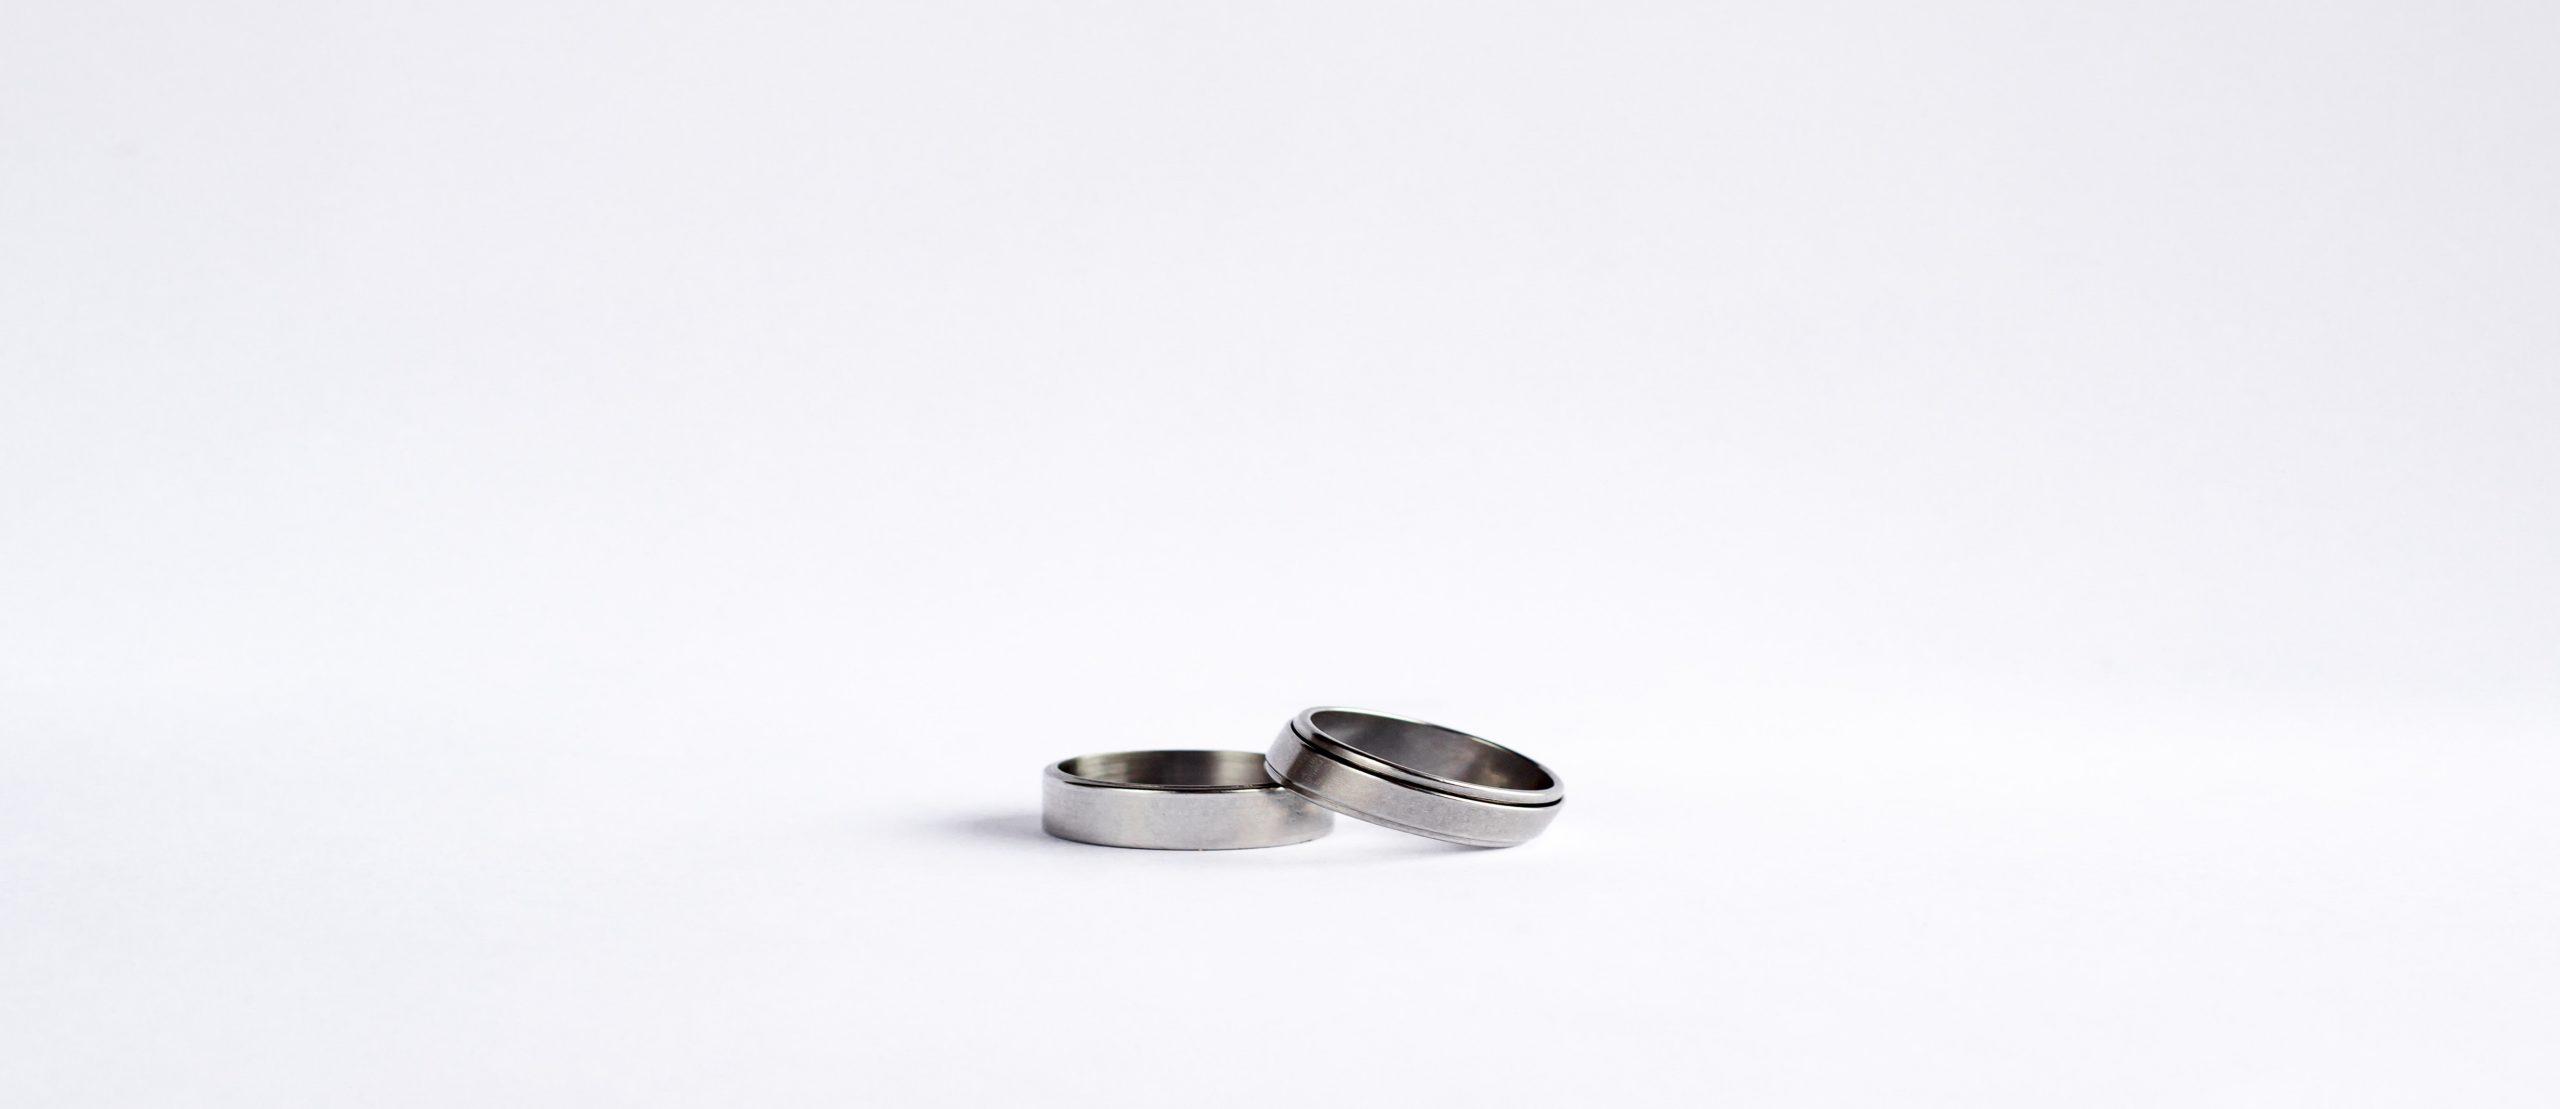 Tipos de plata en joyería - Joyería Montón